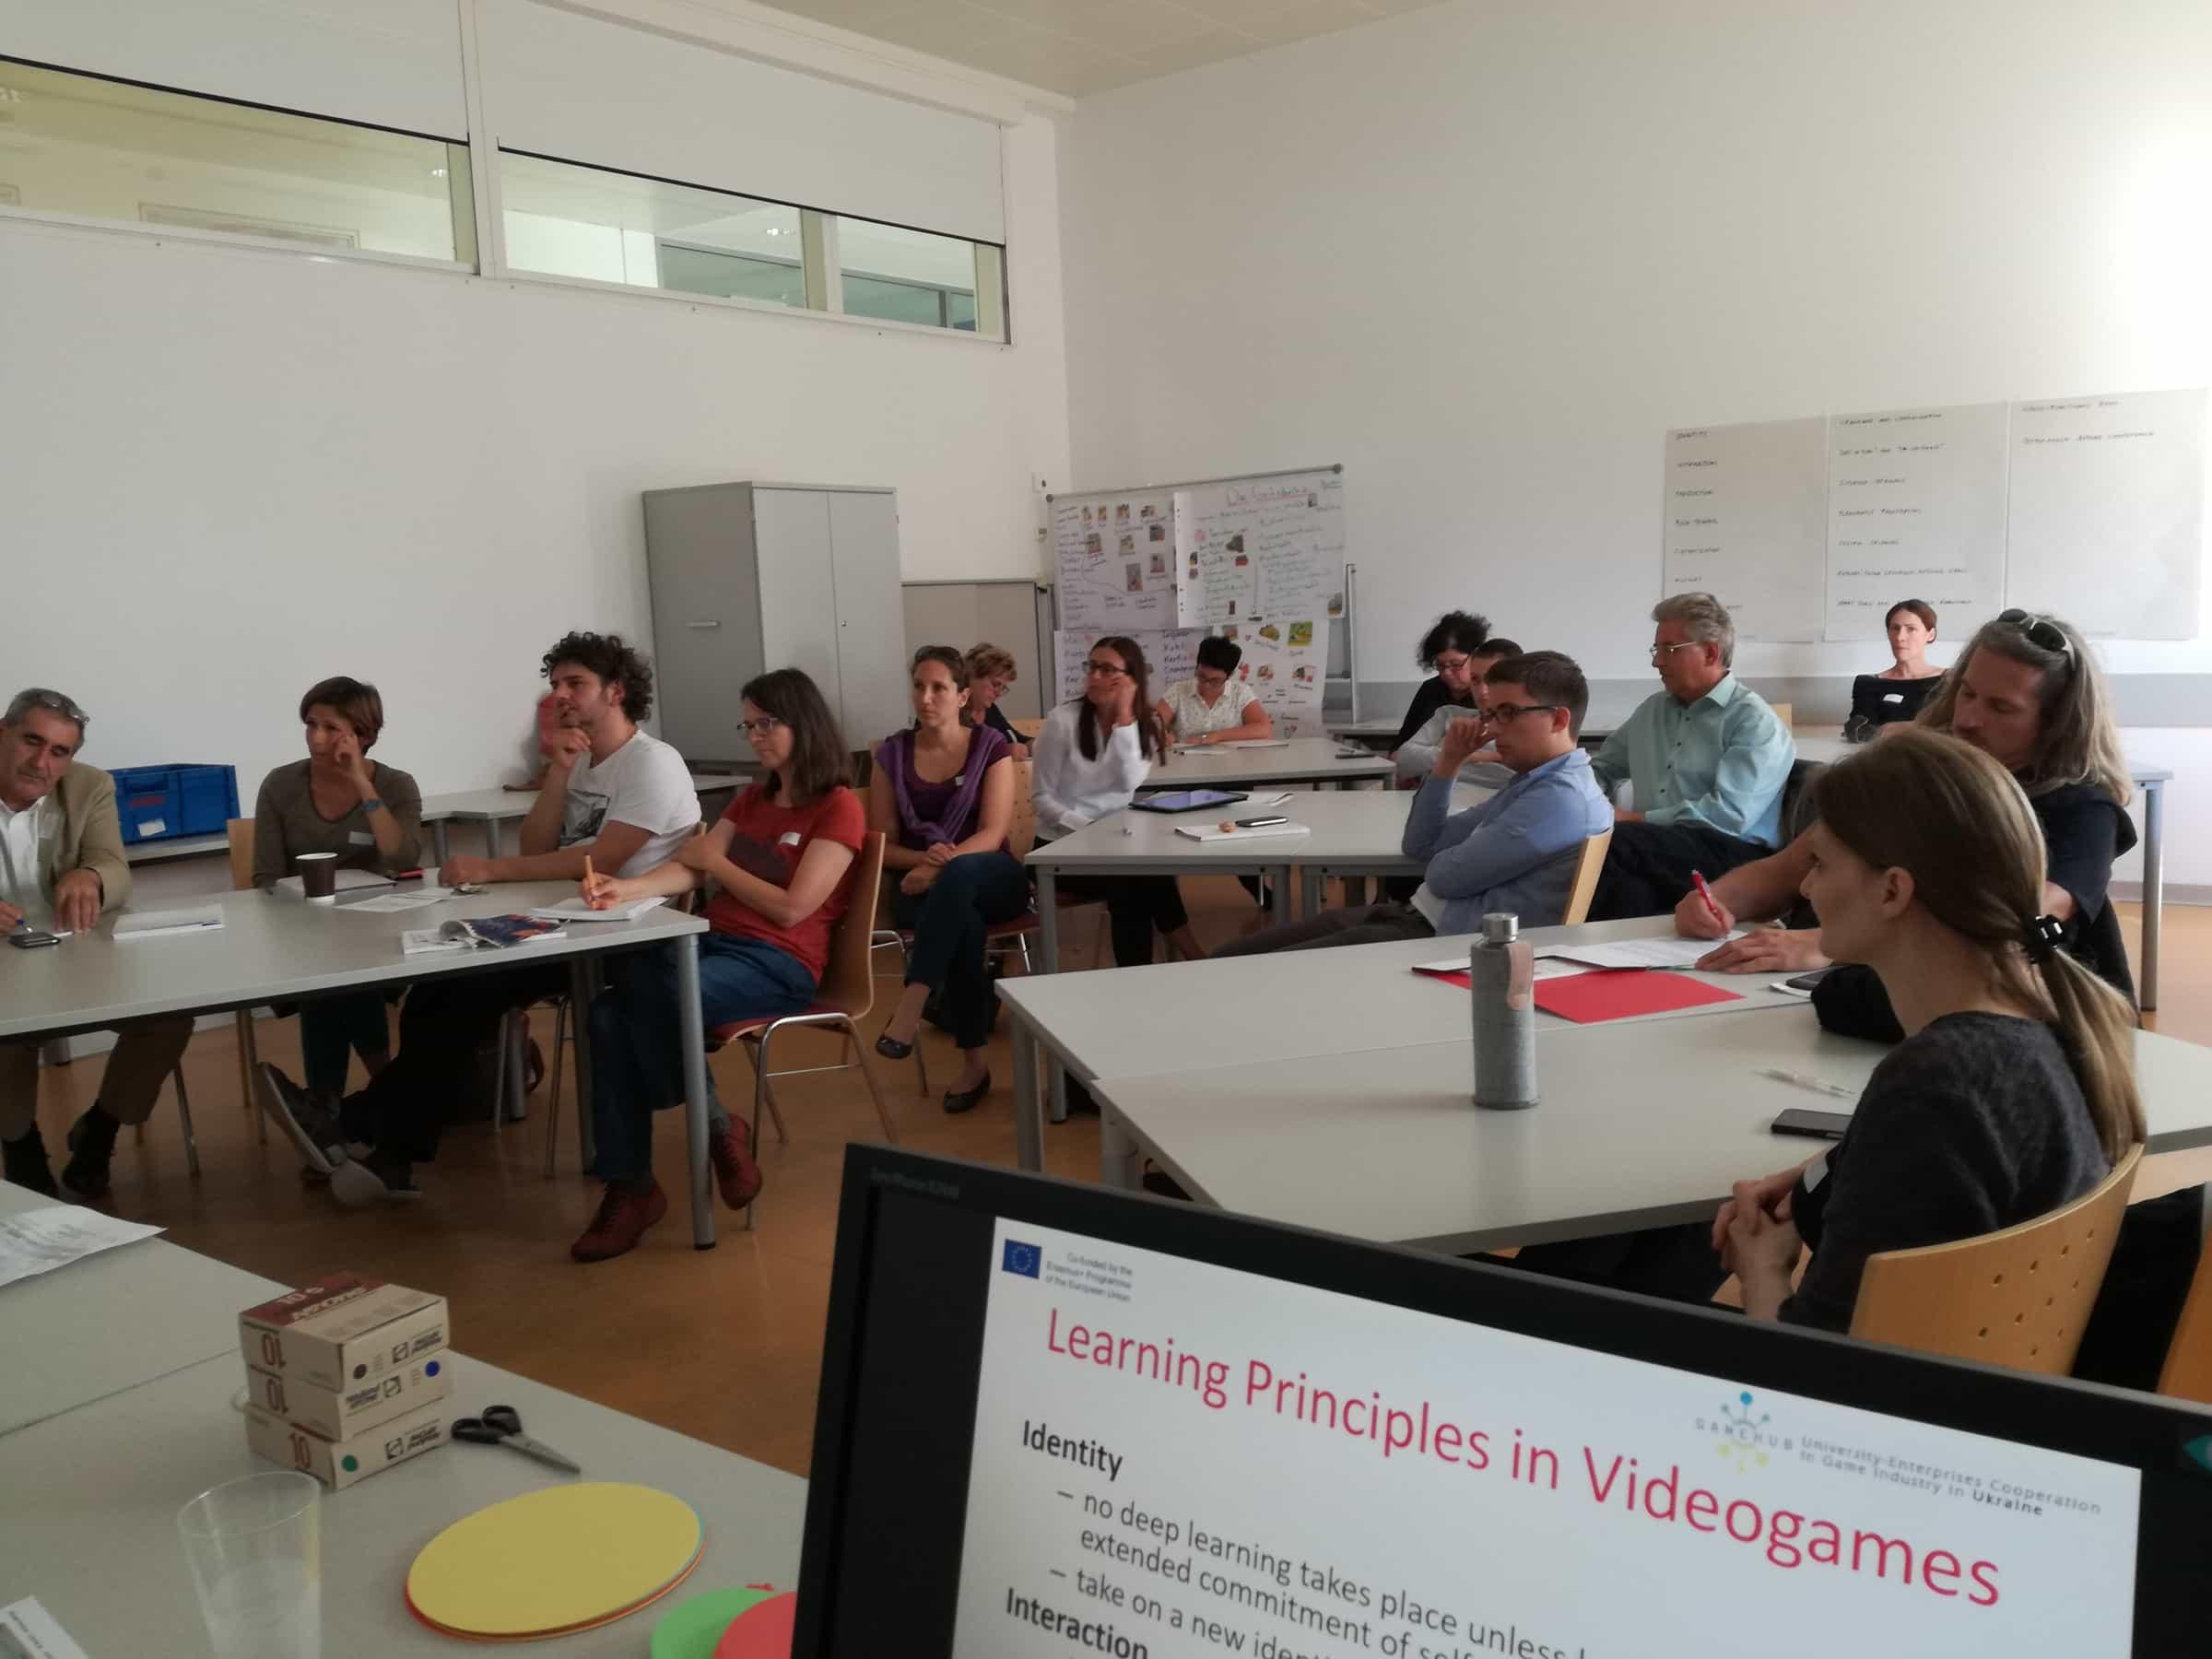 Teilnehmerinnen und Teilnehmer in einem Workshop des E-Learning Tags 2017.